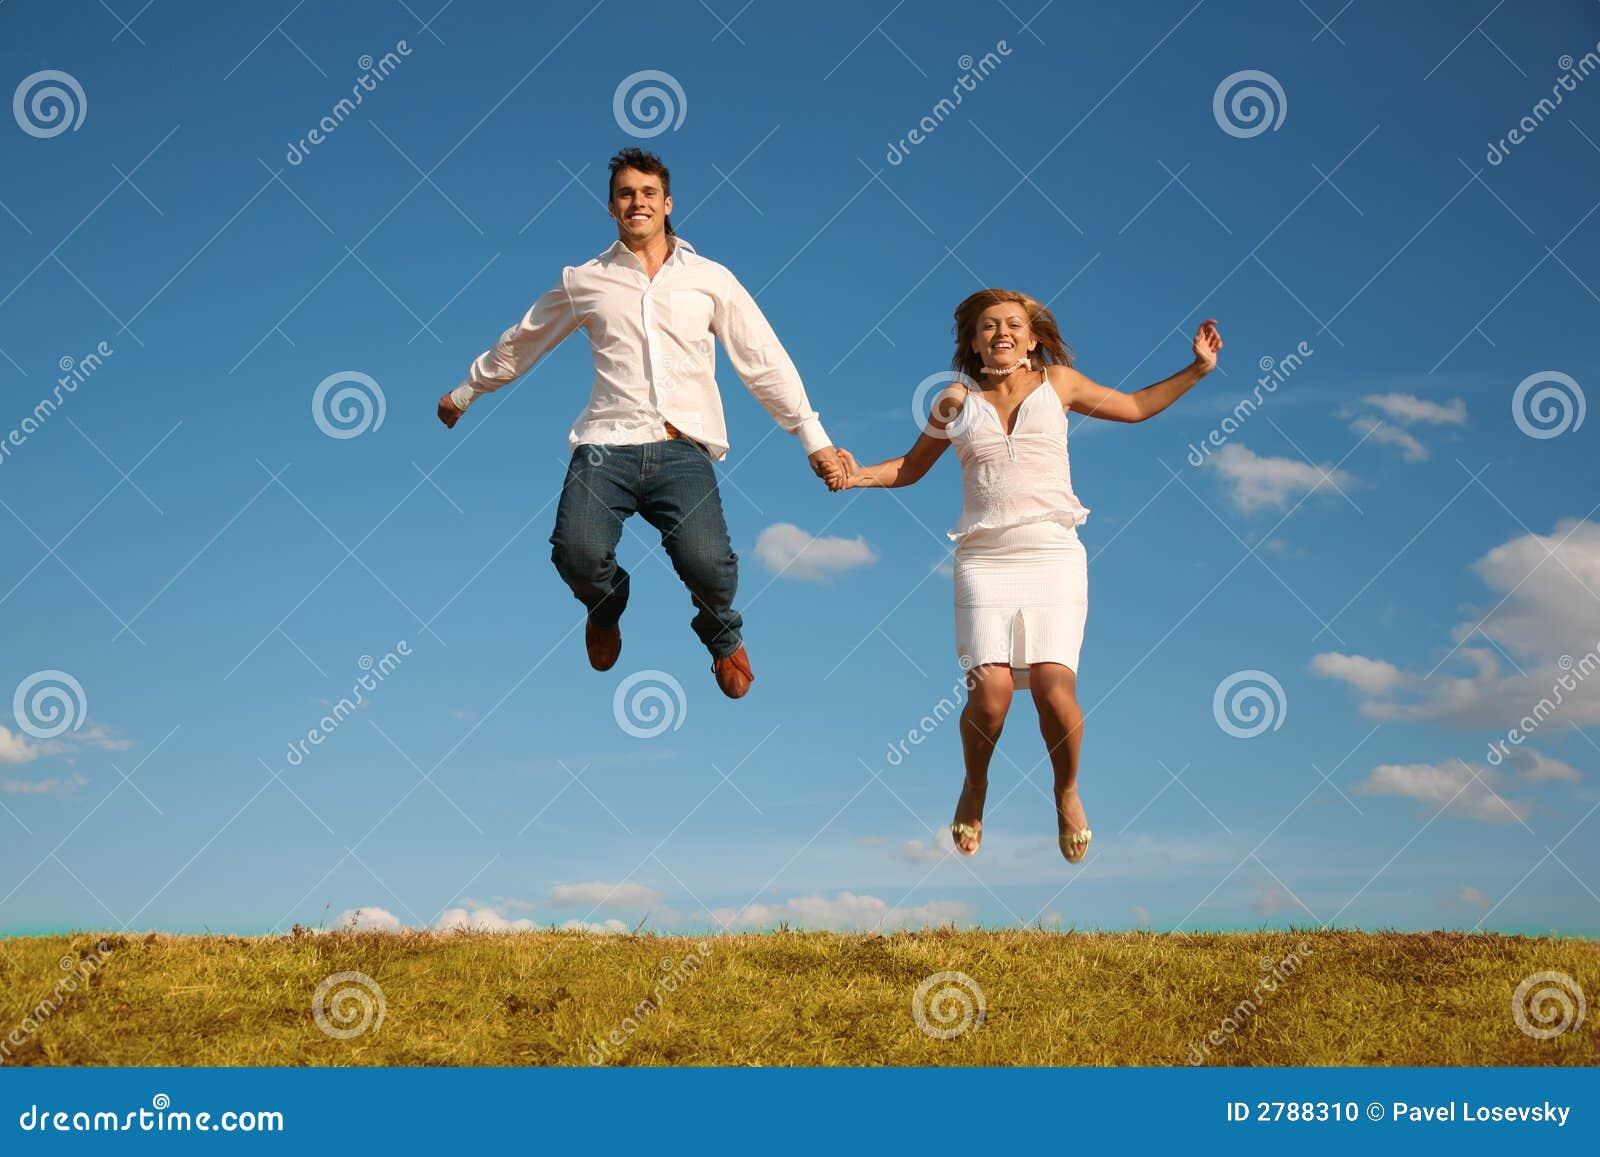 Man and woman jumping